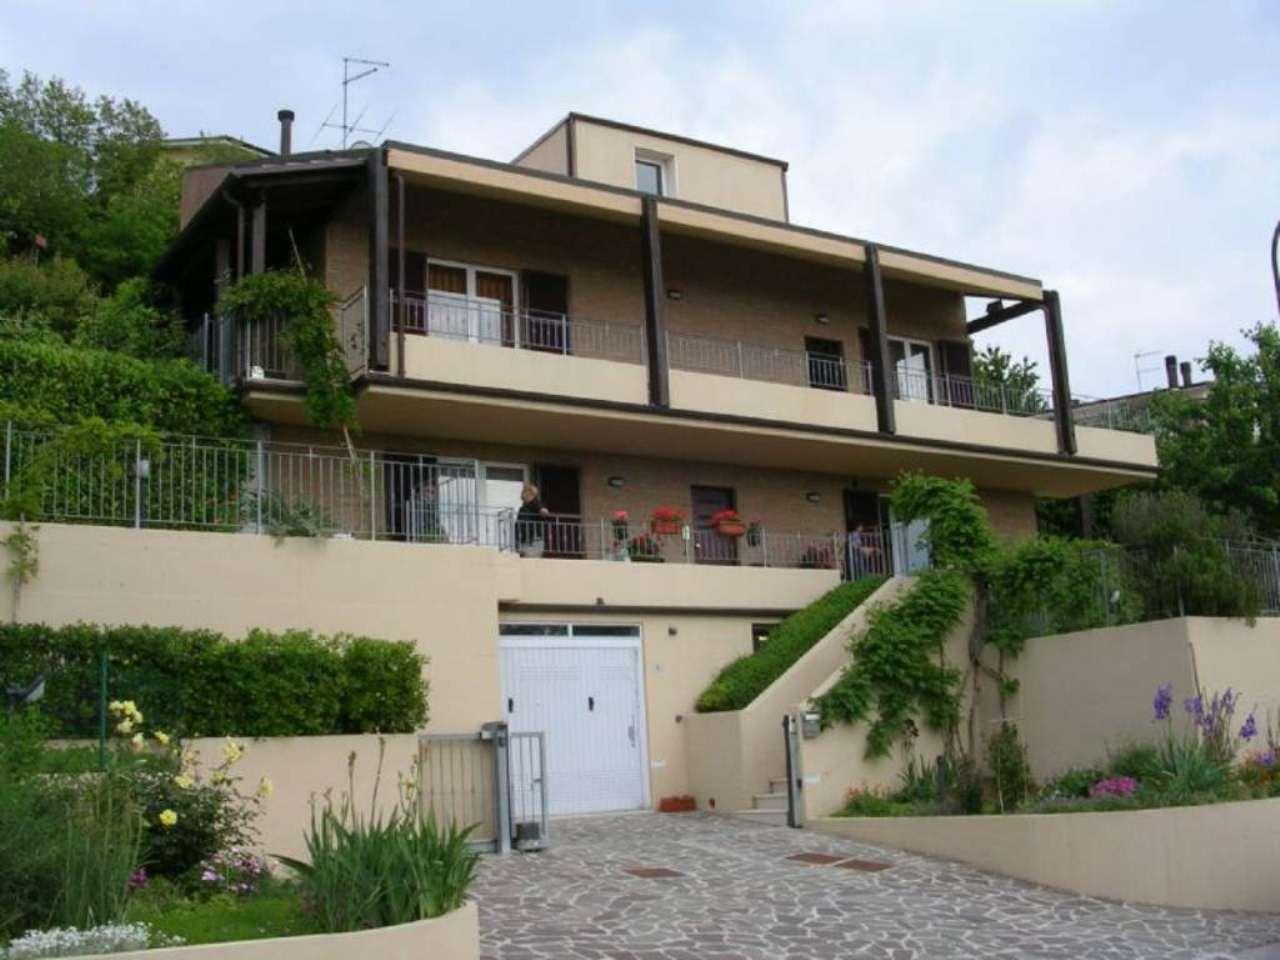 Soluzione Indipendente in vendita a Monteciccardo, 9 locali, prezzo € 600.000 | Cambio Casa.it